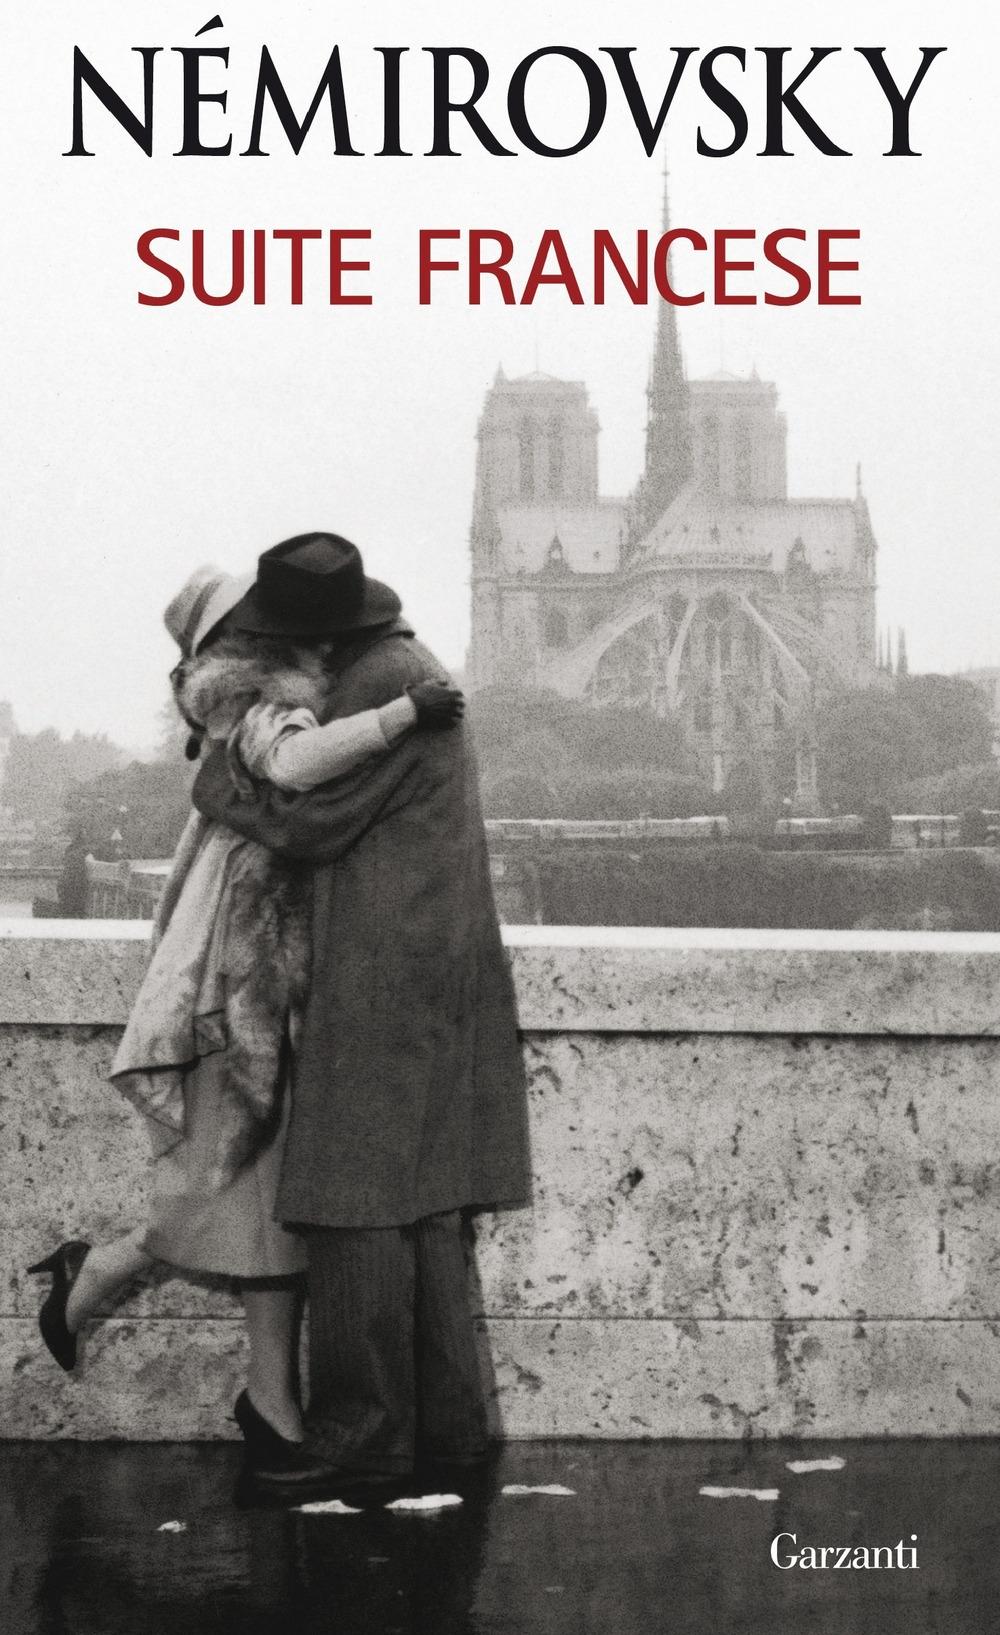 Suite francese.